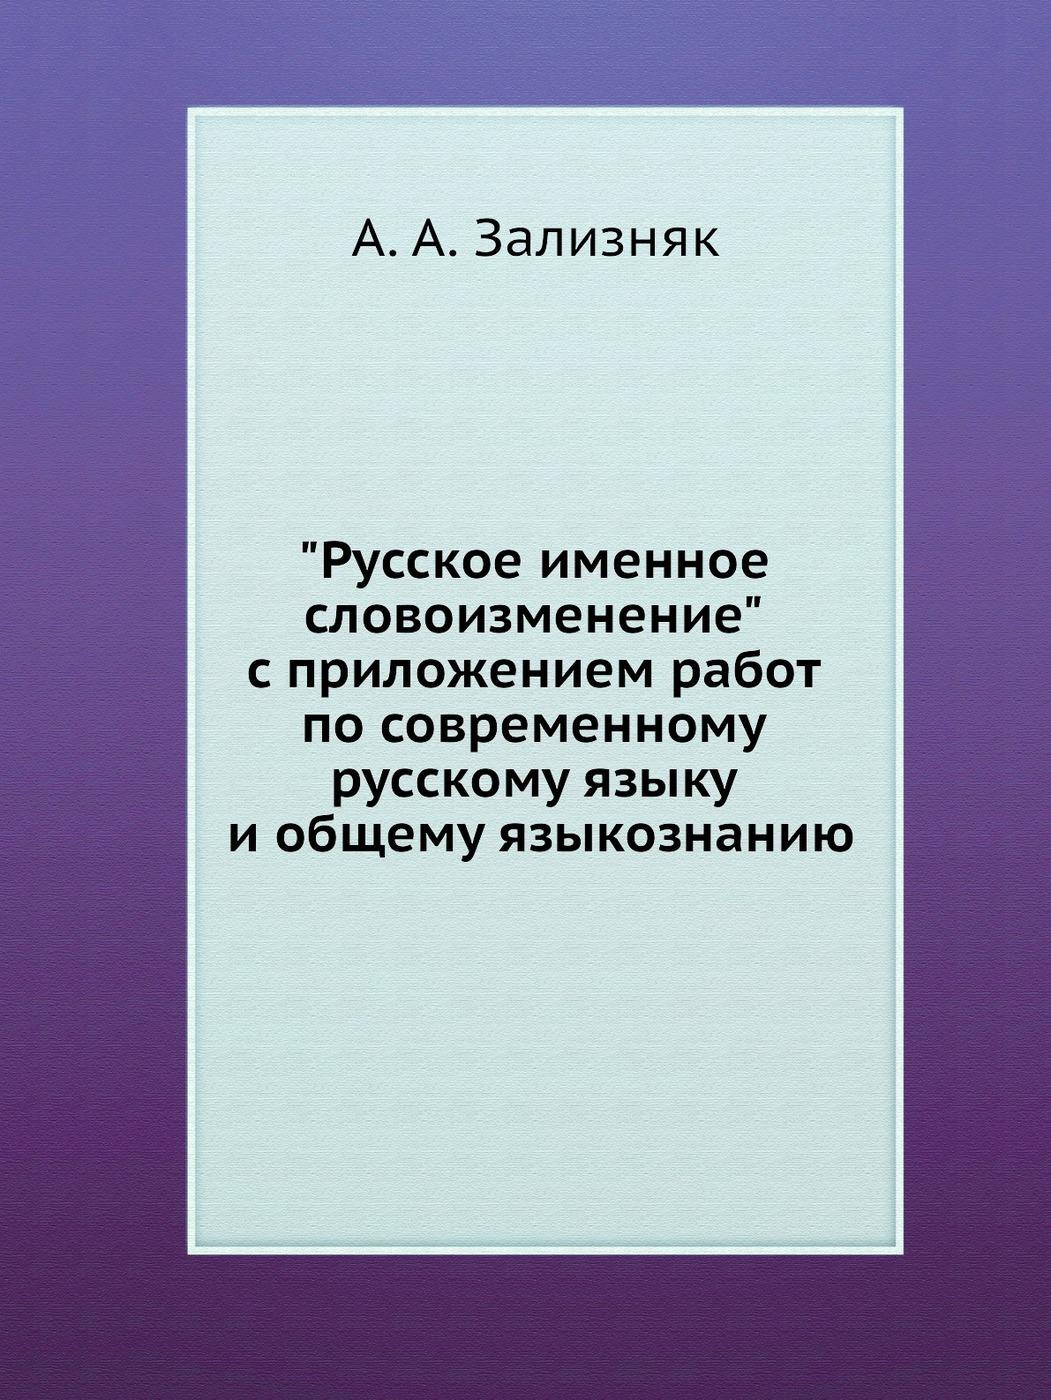 А.А. Зализняк Русское именное словоизменение с приложением работ по современному русскому языку и общему языкознанию